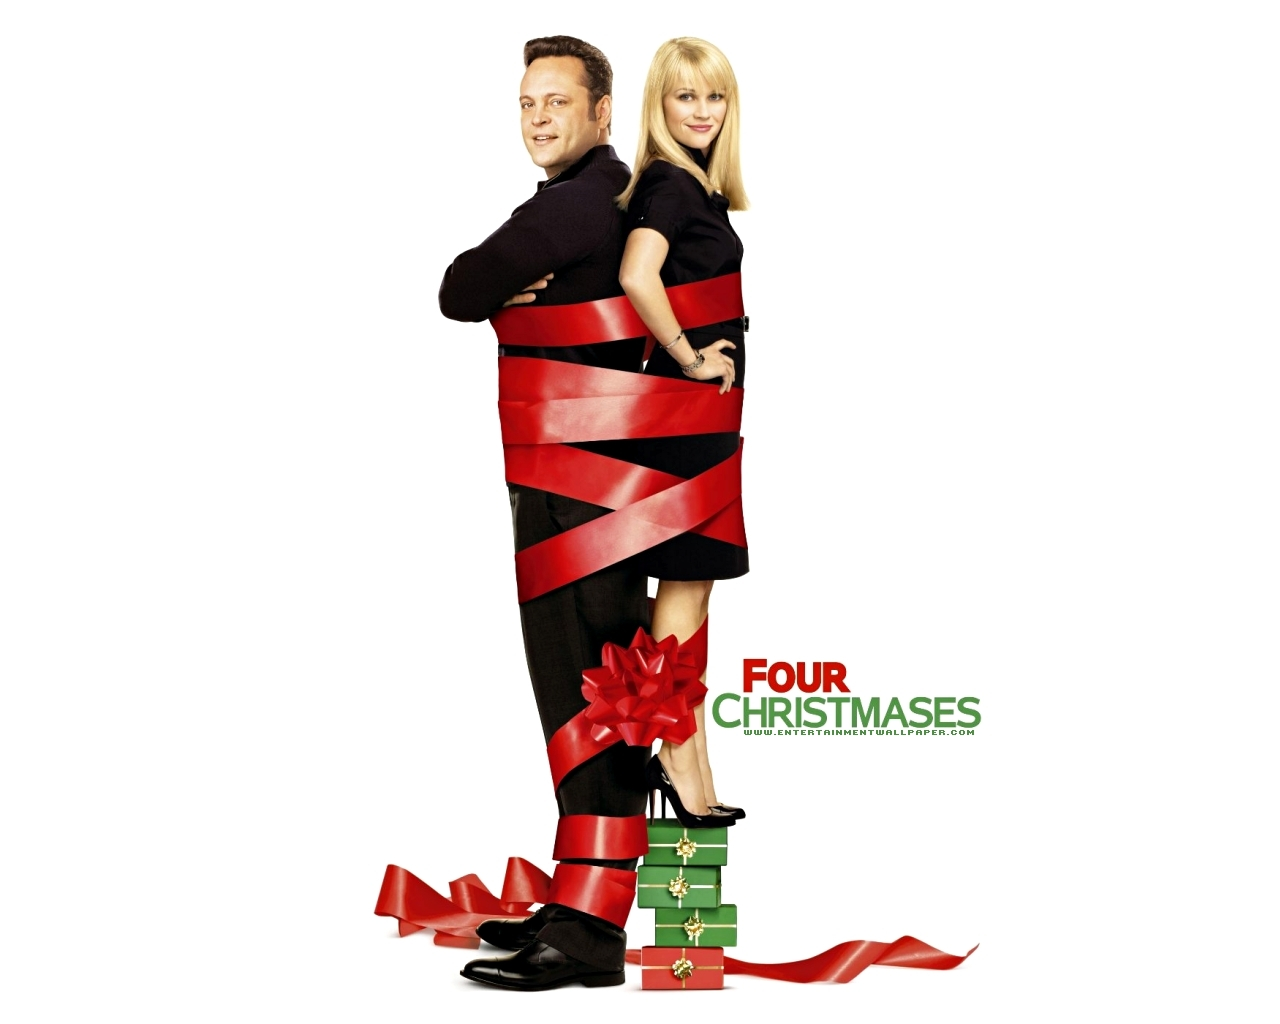 four christmases movie wallpaper 01 mat i kvadrat. Black Bedroom Furniture Sets. Home Design Ideas